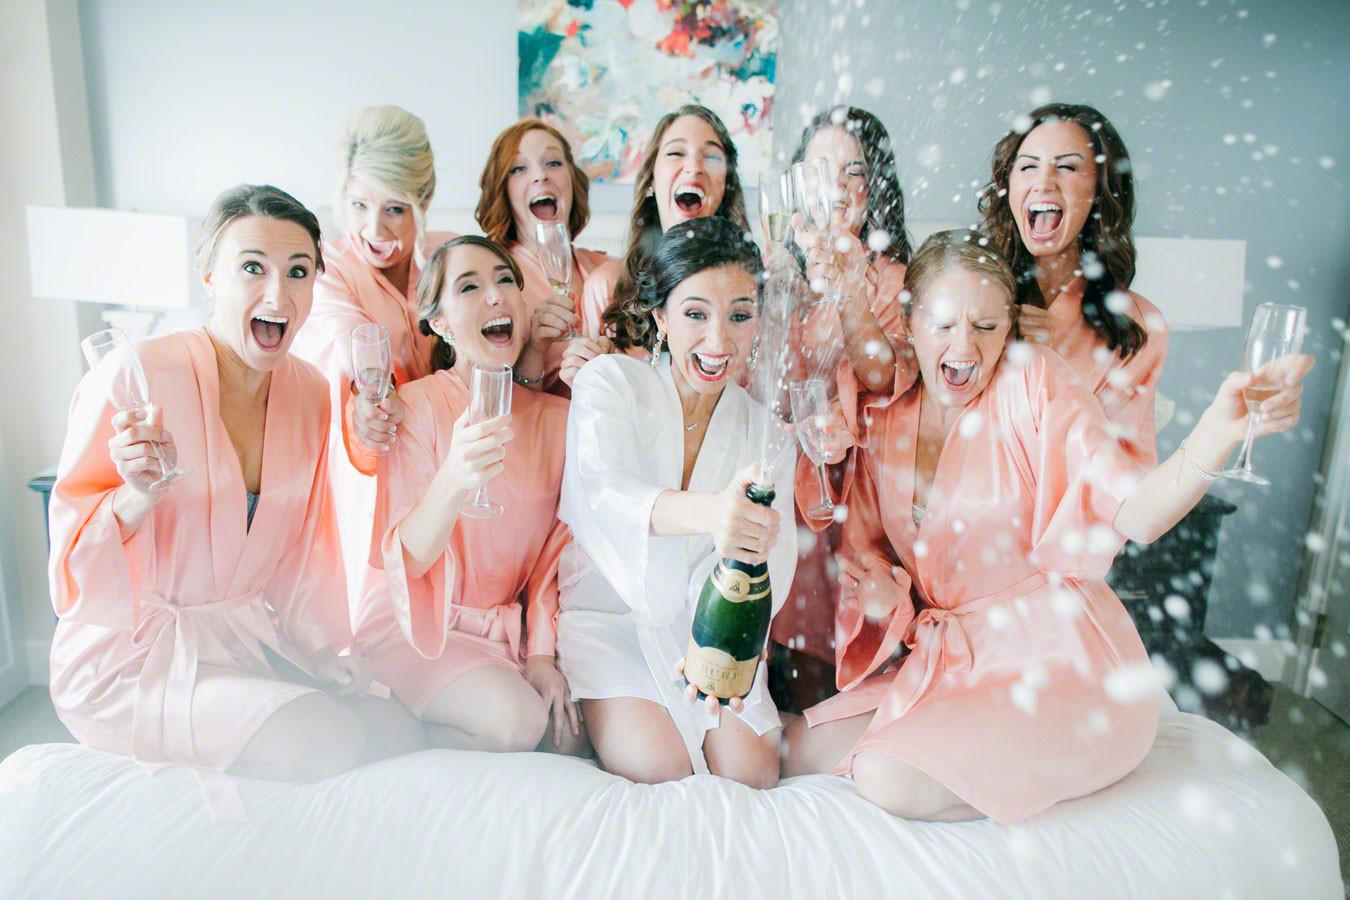 Ідеї для дівич-вечора: як провести свято